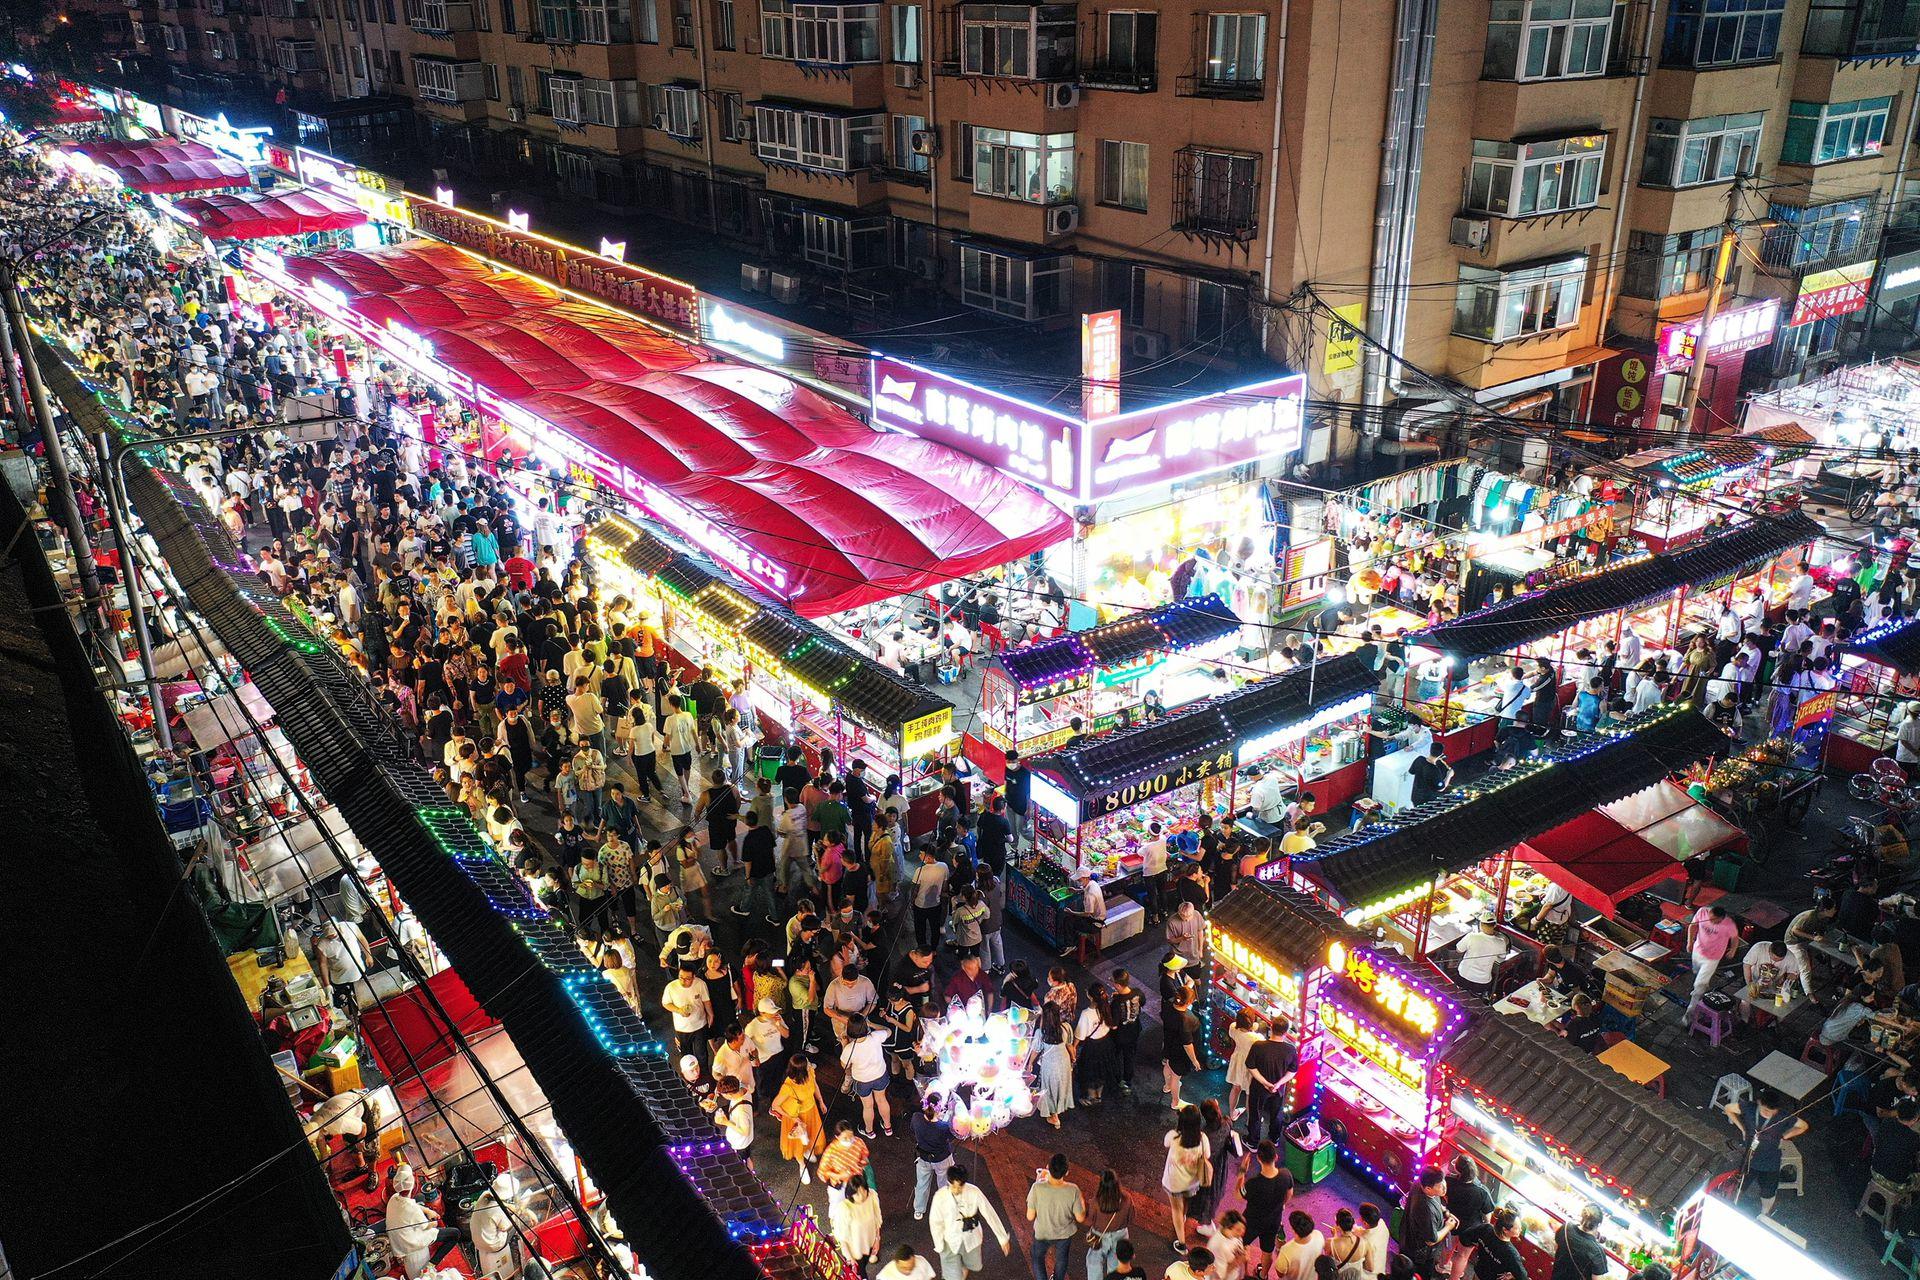 中國商務部預計消費市場繼續回暖向好 2021年汽車銷售有望正增長